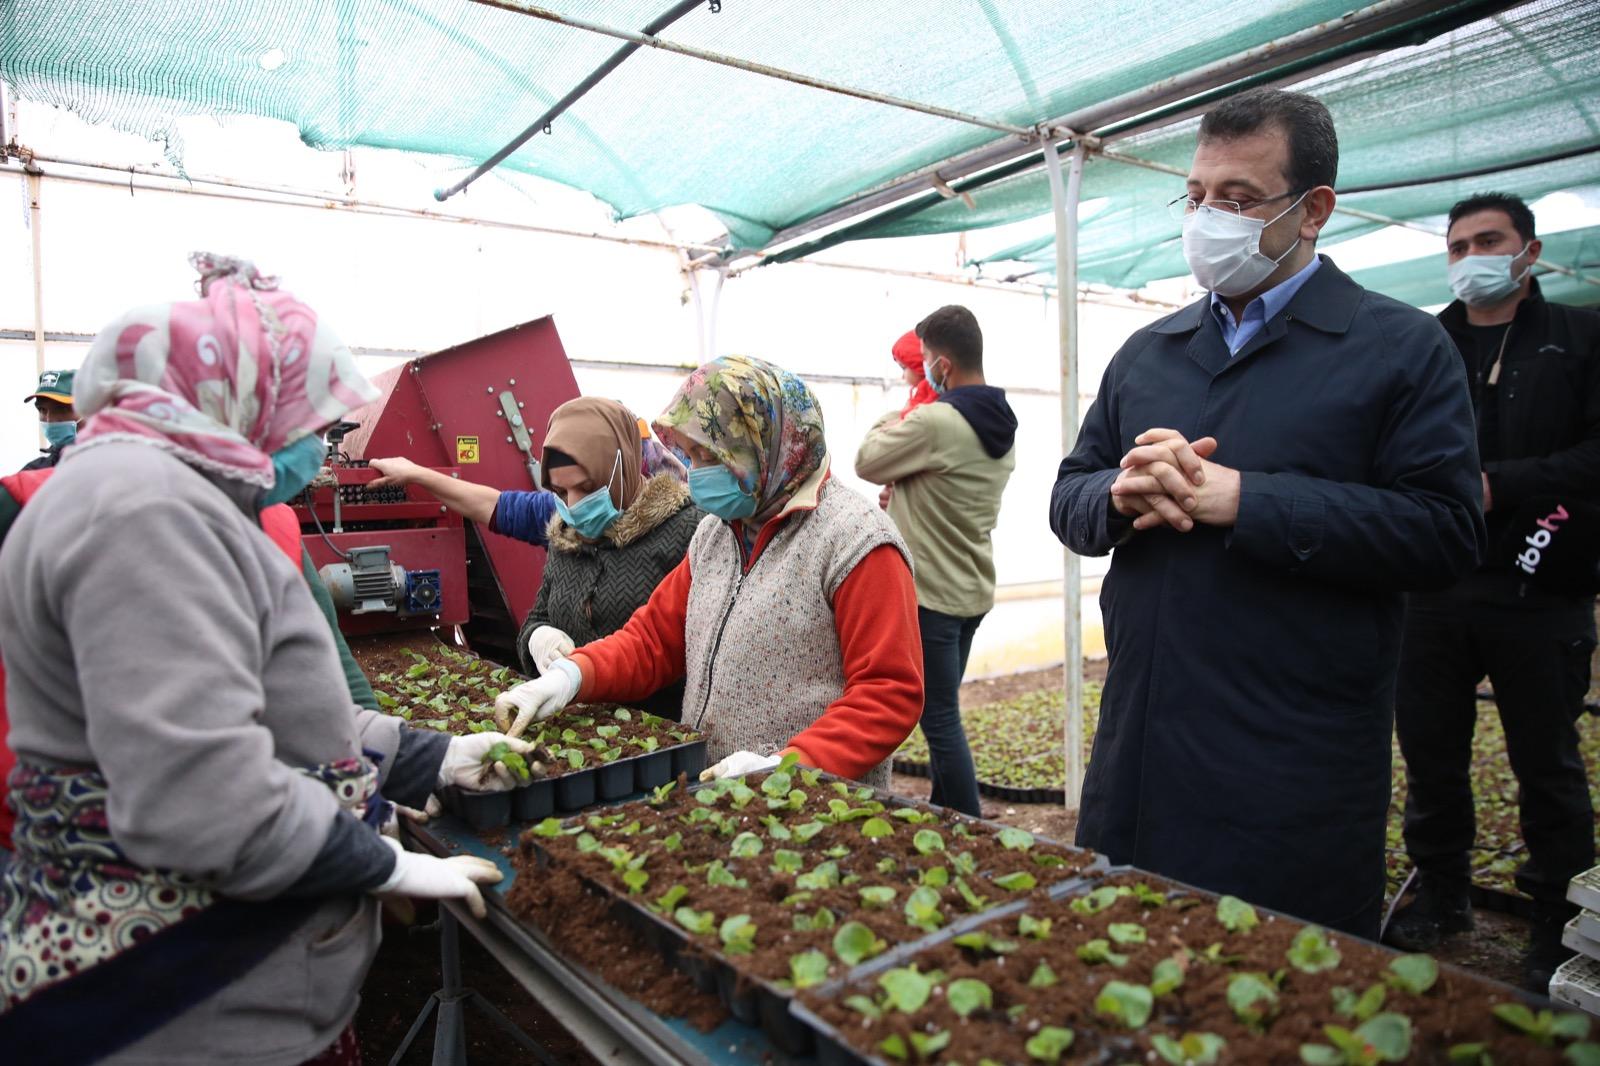 Kadınlar üretti Büyükşehir satıyor